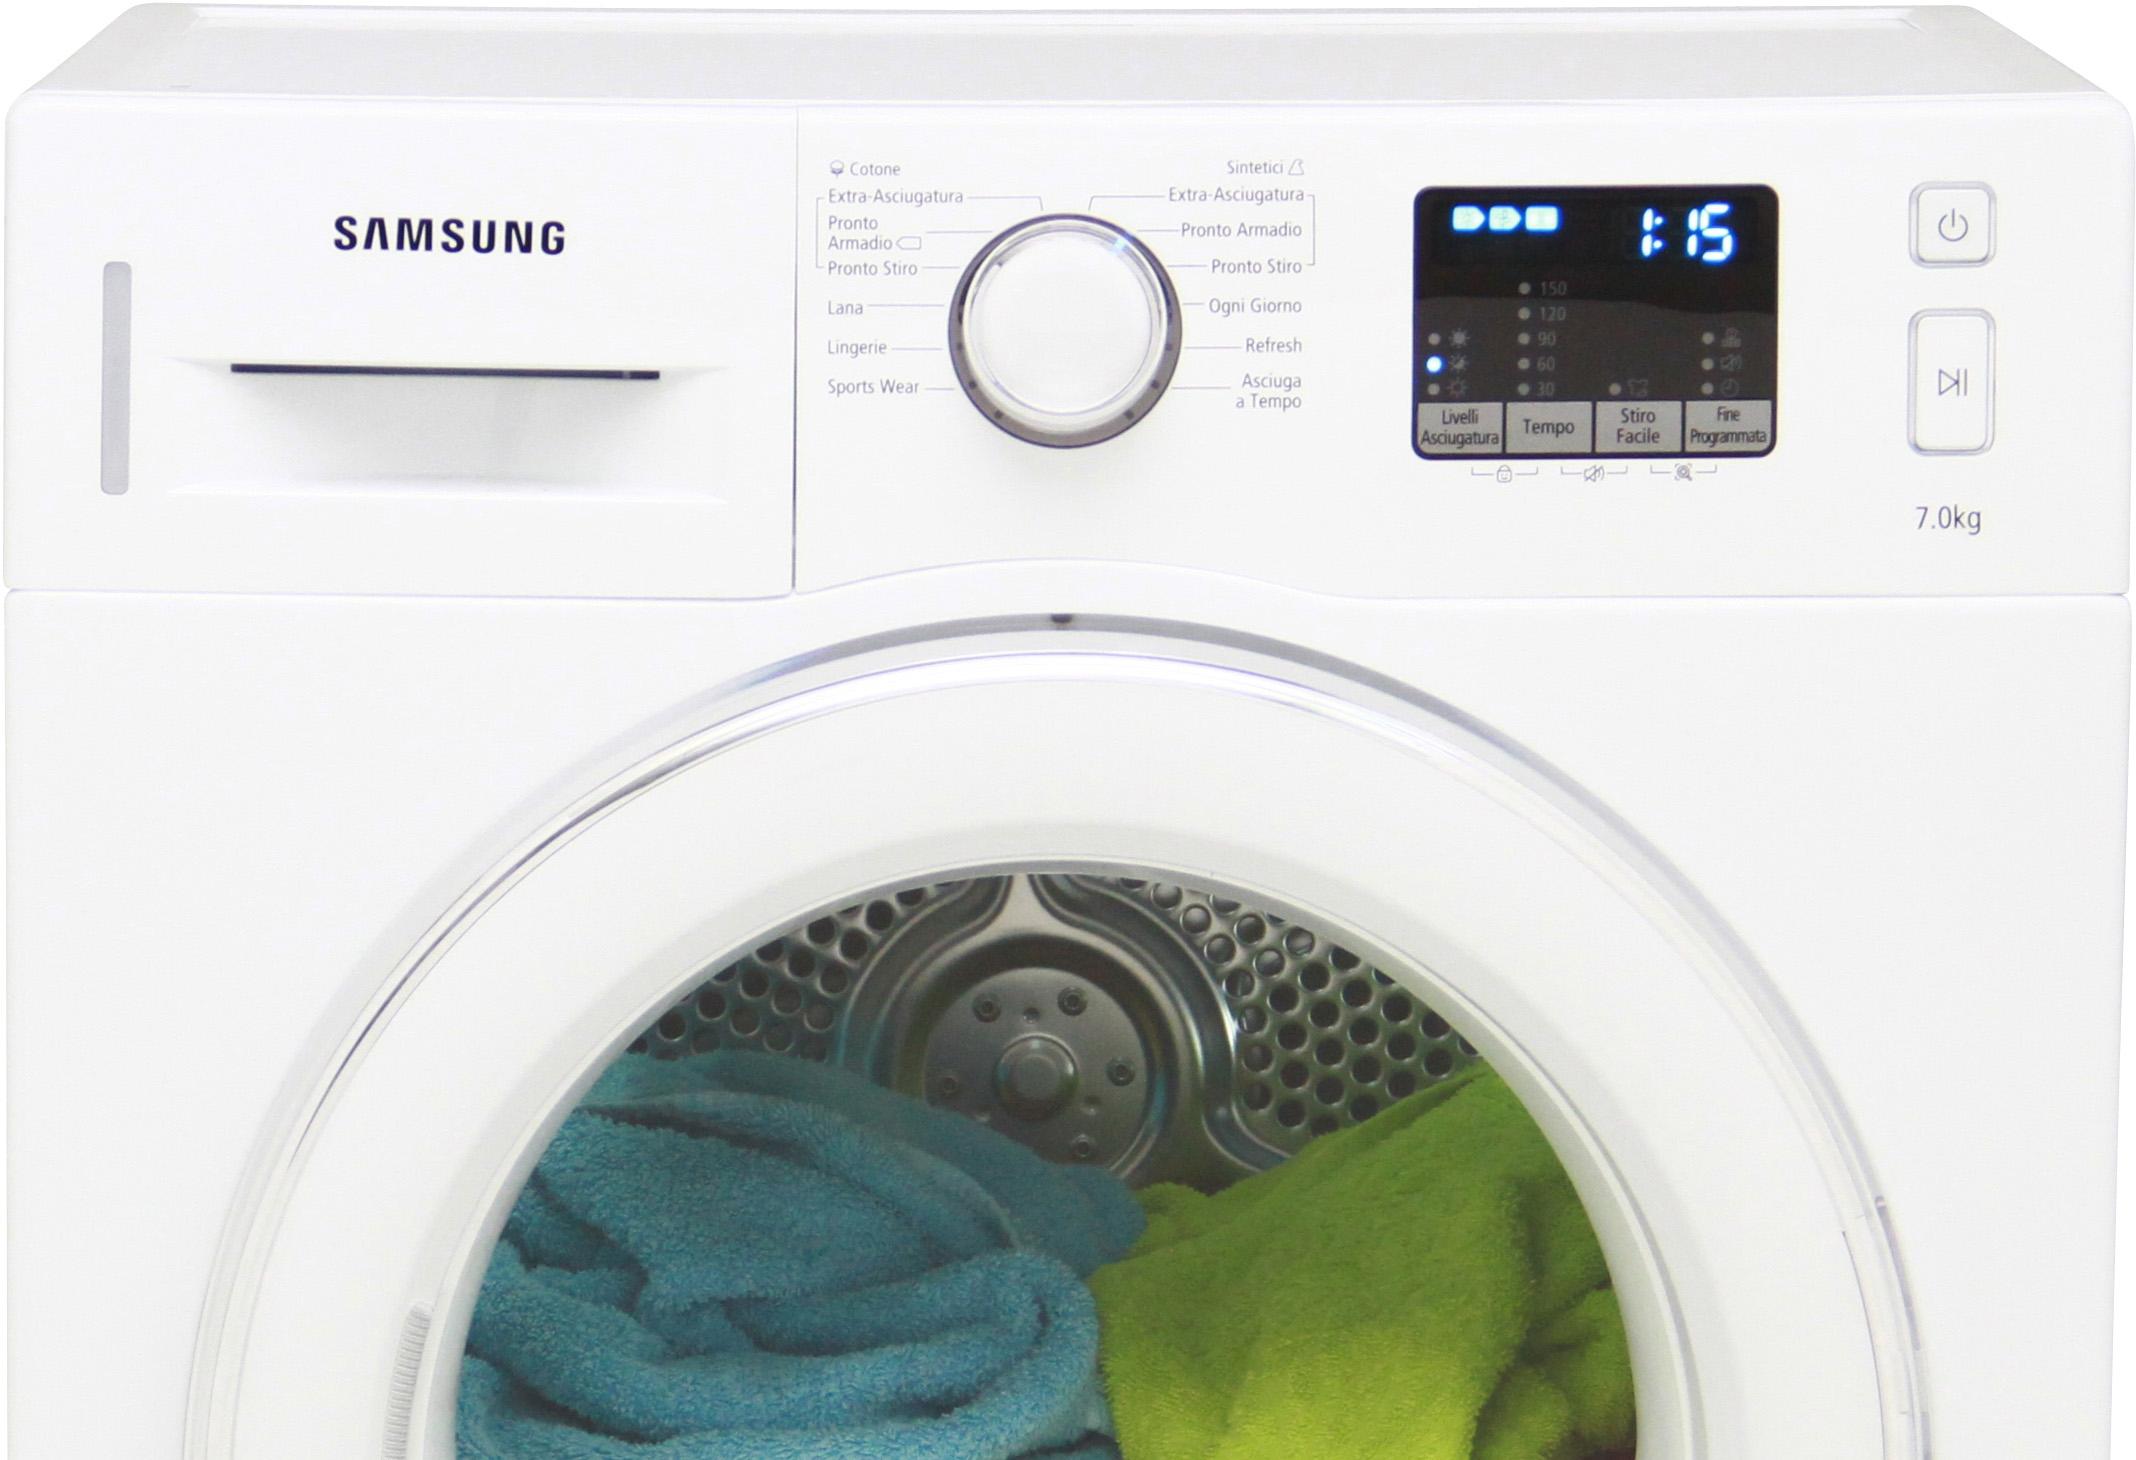 Asciugatrice Migliore Marca 2017 i dettagli del test archiviato sulle asciugatrici   altroconsumo